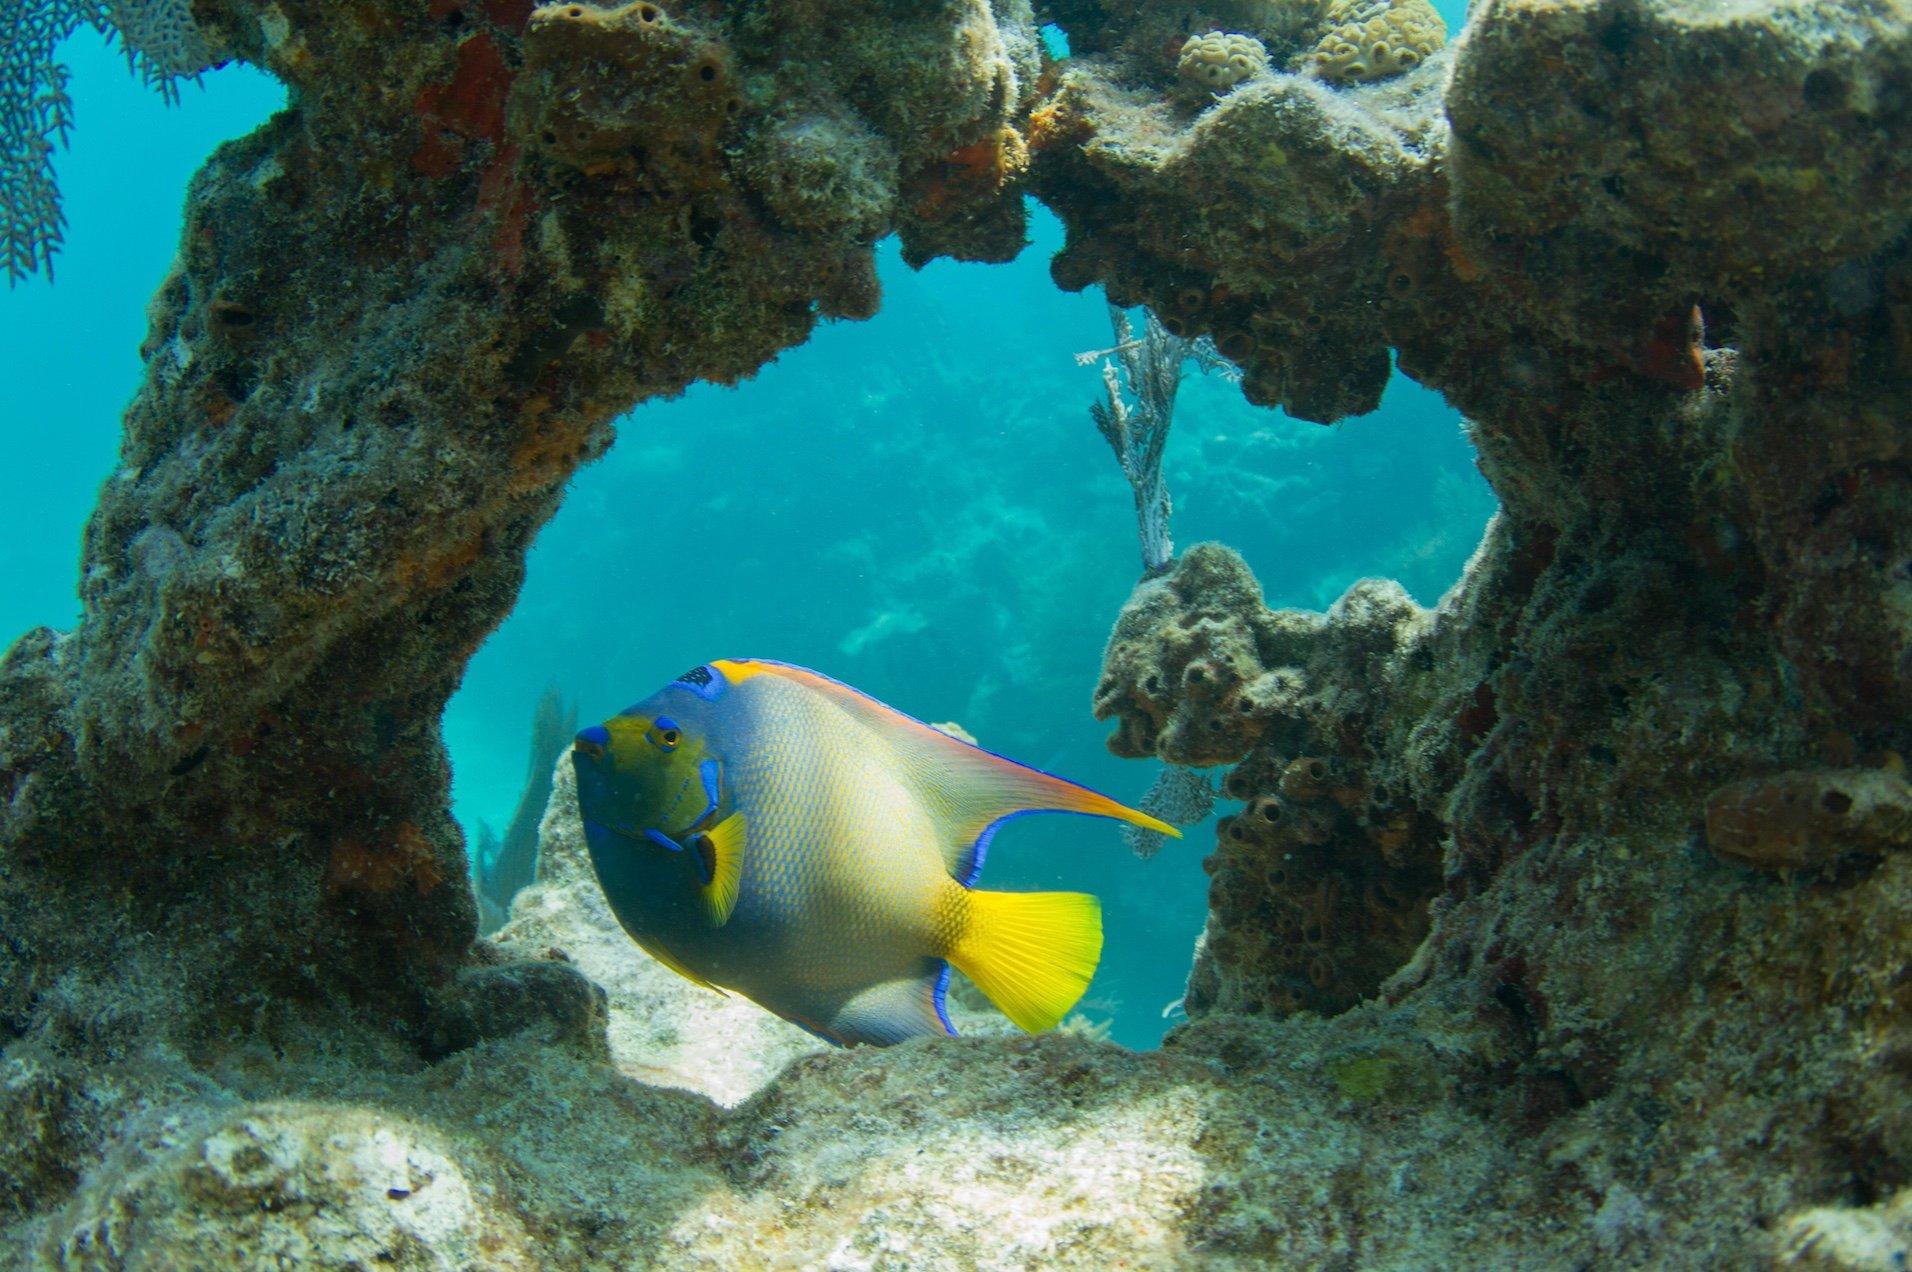 queen angelfish swimming